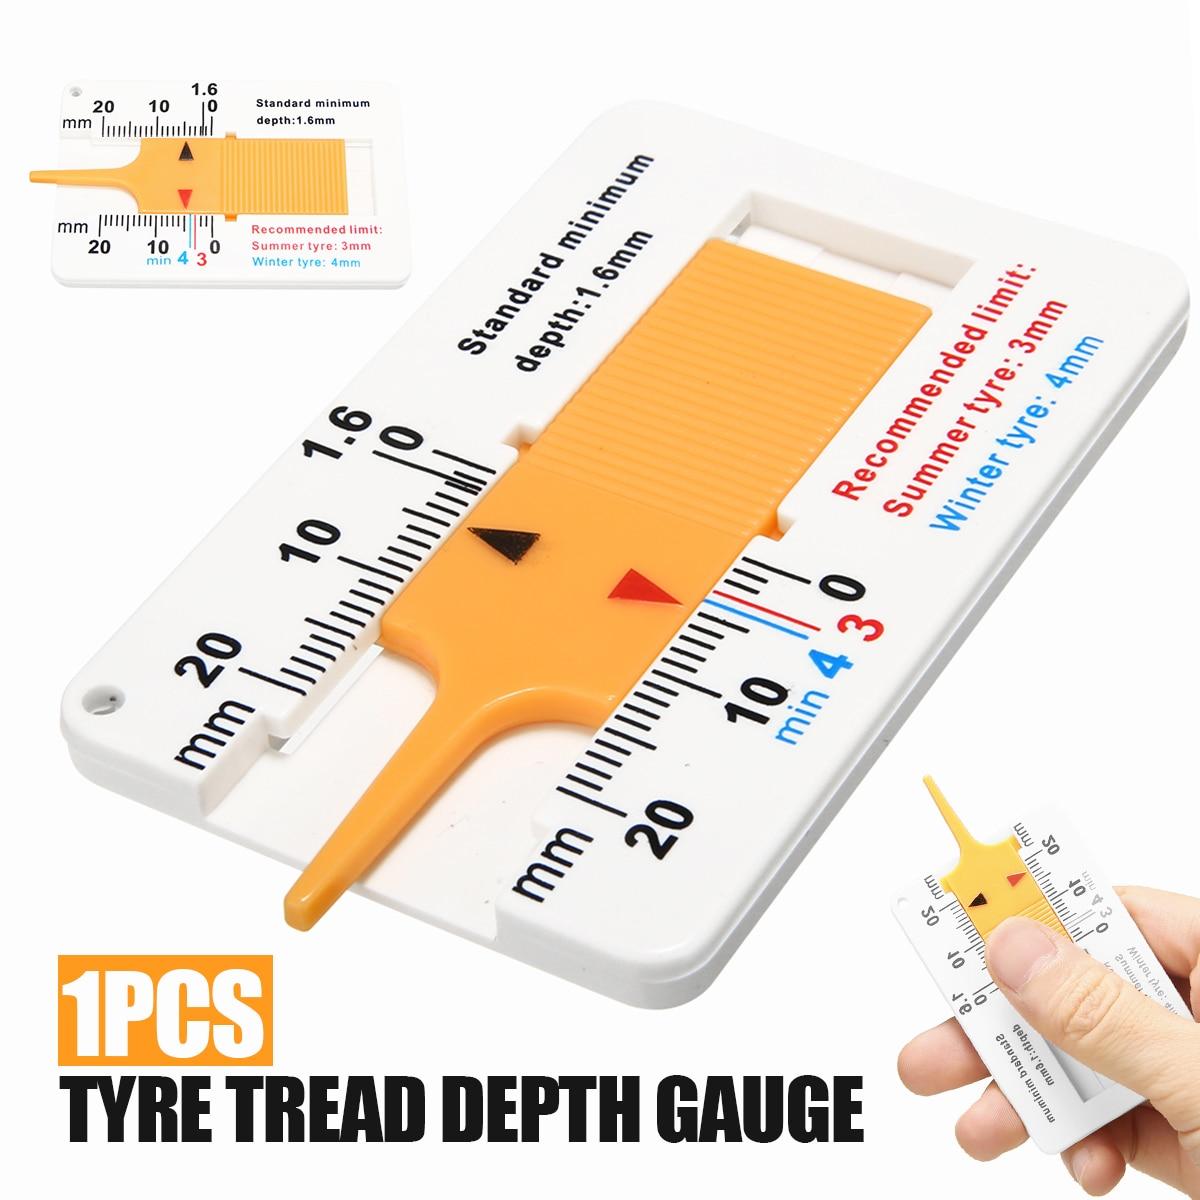 For Car Repair Tool 1pc Compact Tyre Tread Depth Gauge Car Motorcycle Trailer Van Wheel Measure Tools 3mm Summer 4mm Winter